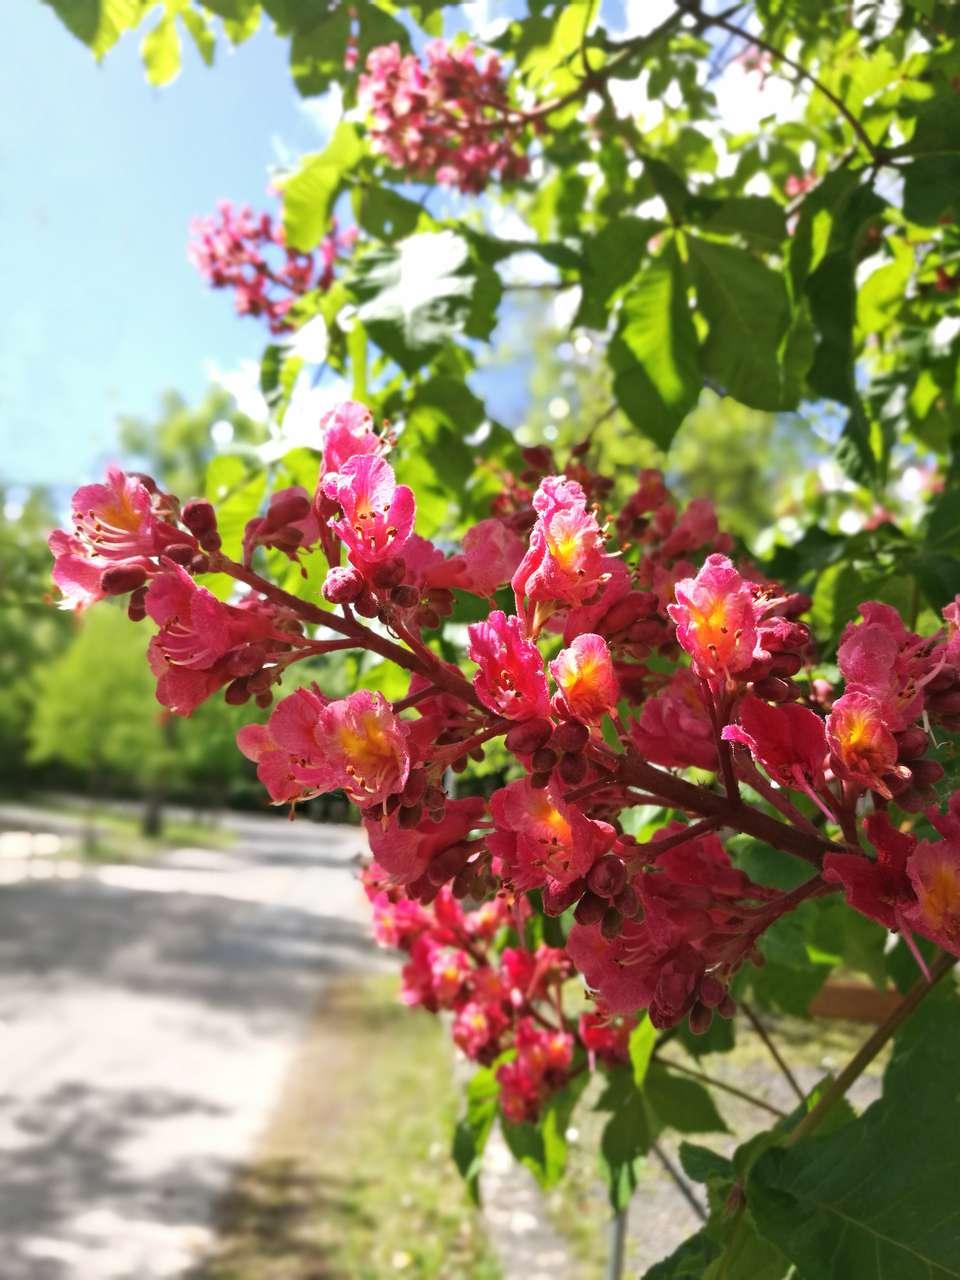 Blooming red buckeye